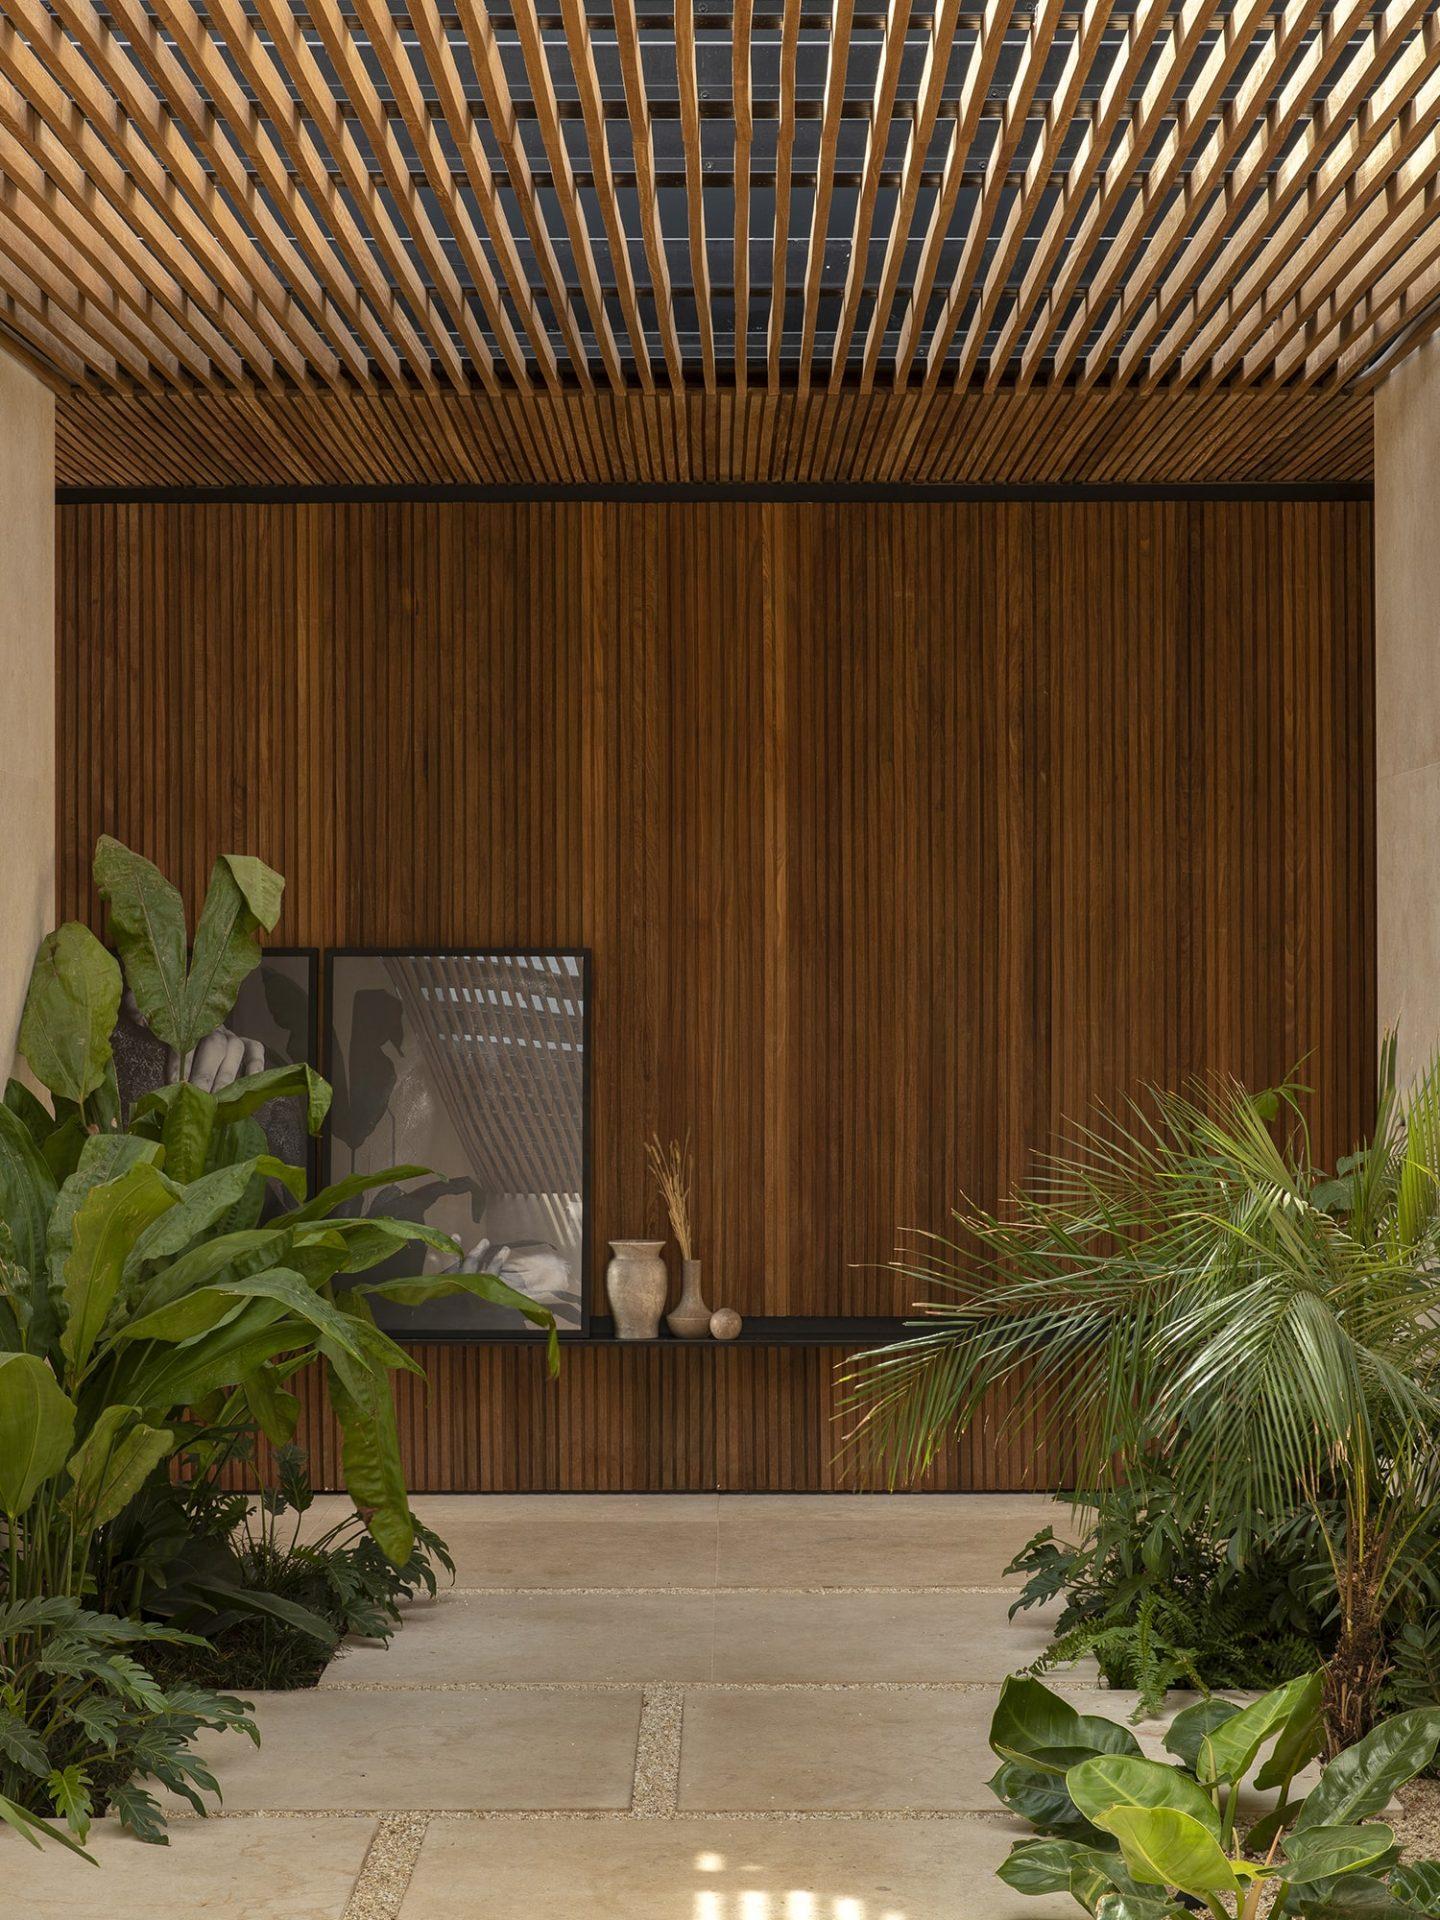 IGNANT-Architecture-MF-Arquitetos-Casa-Q04L63-07-min